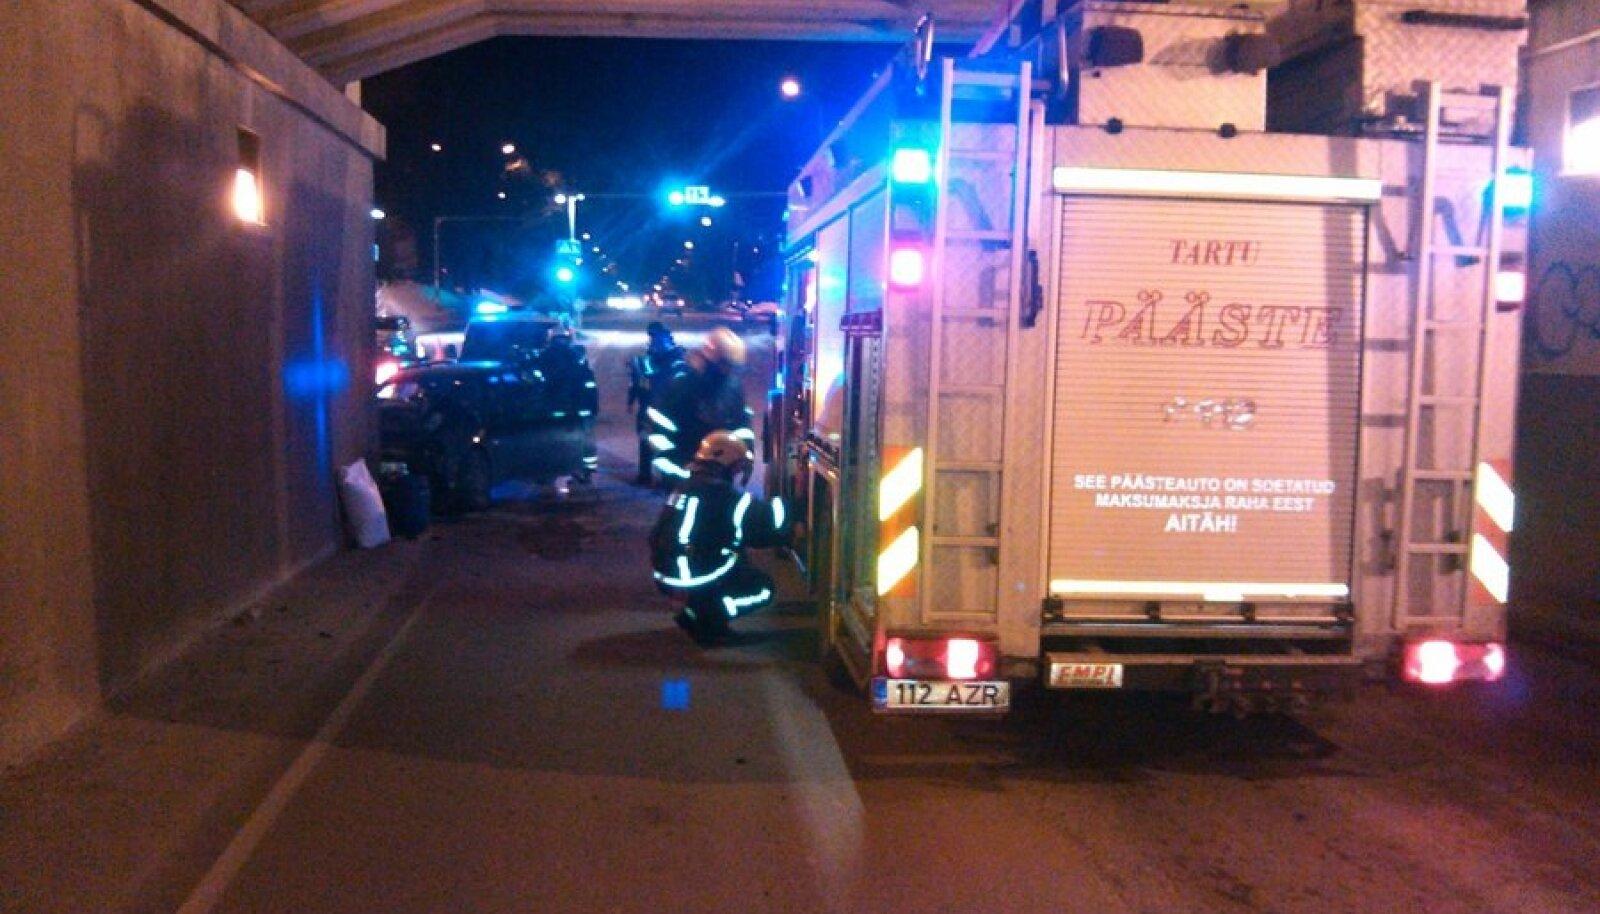 Liiklusõnnetus Tartus Riia tänaval